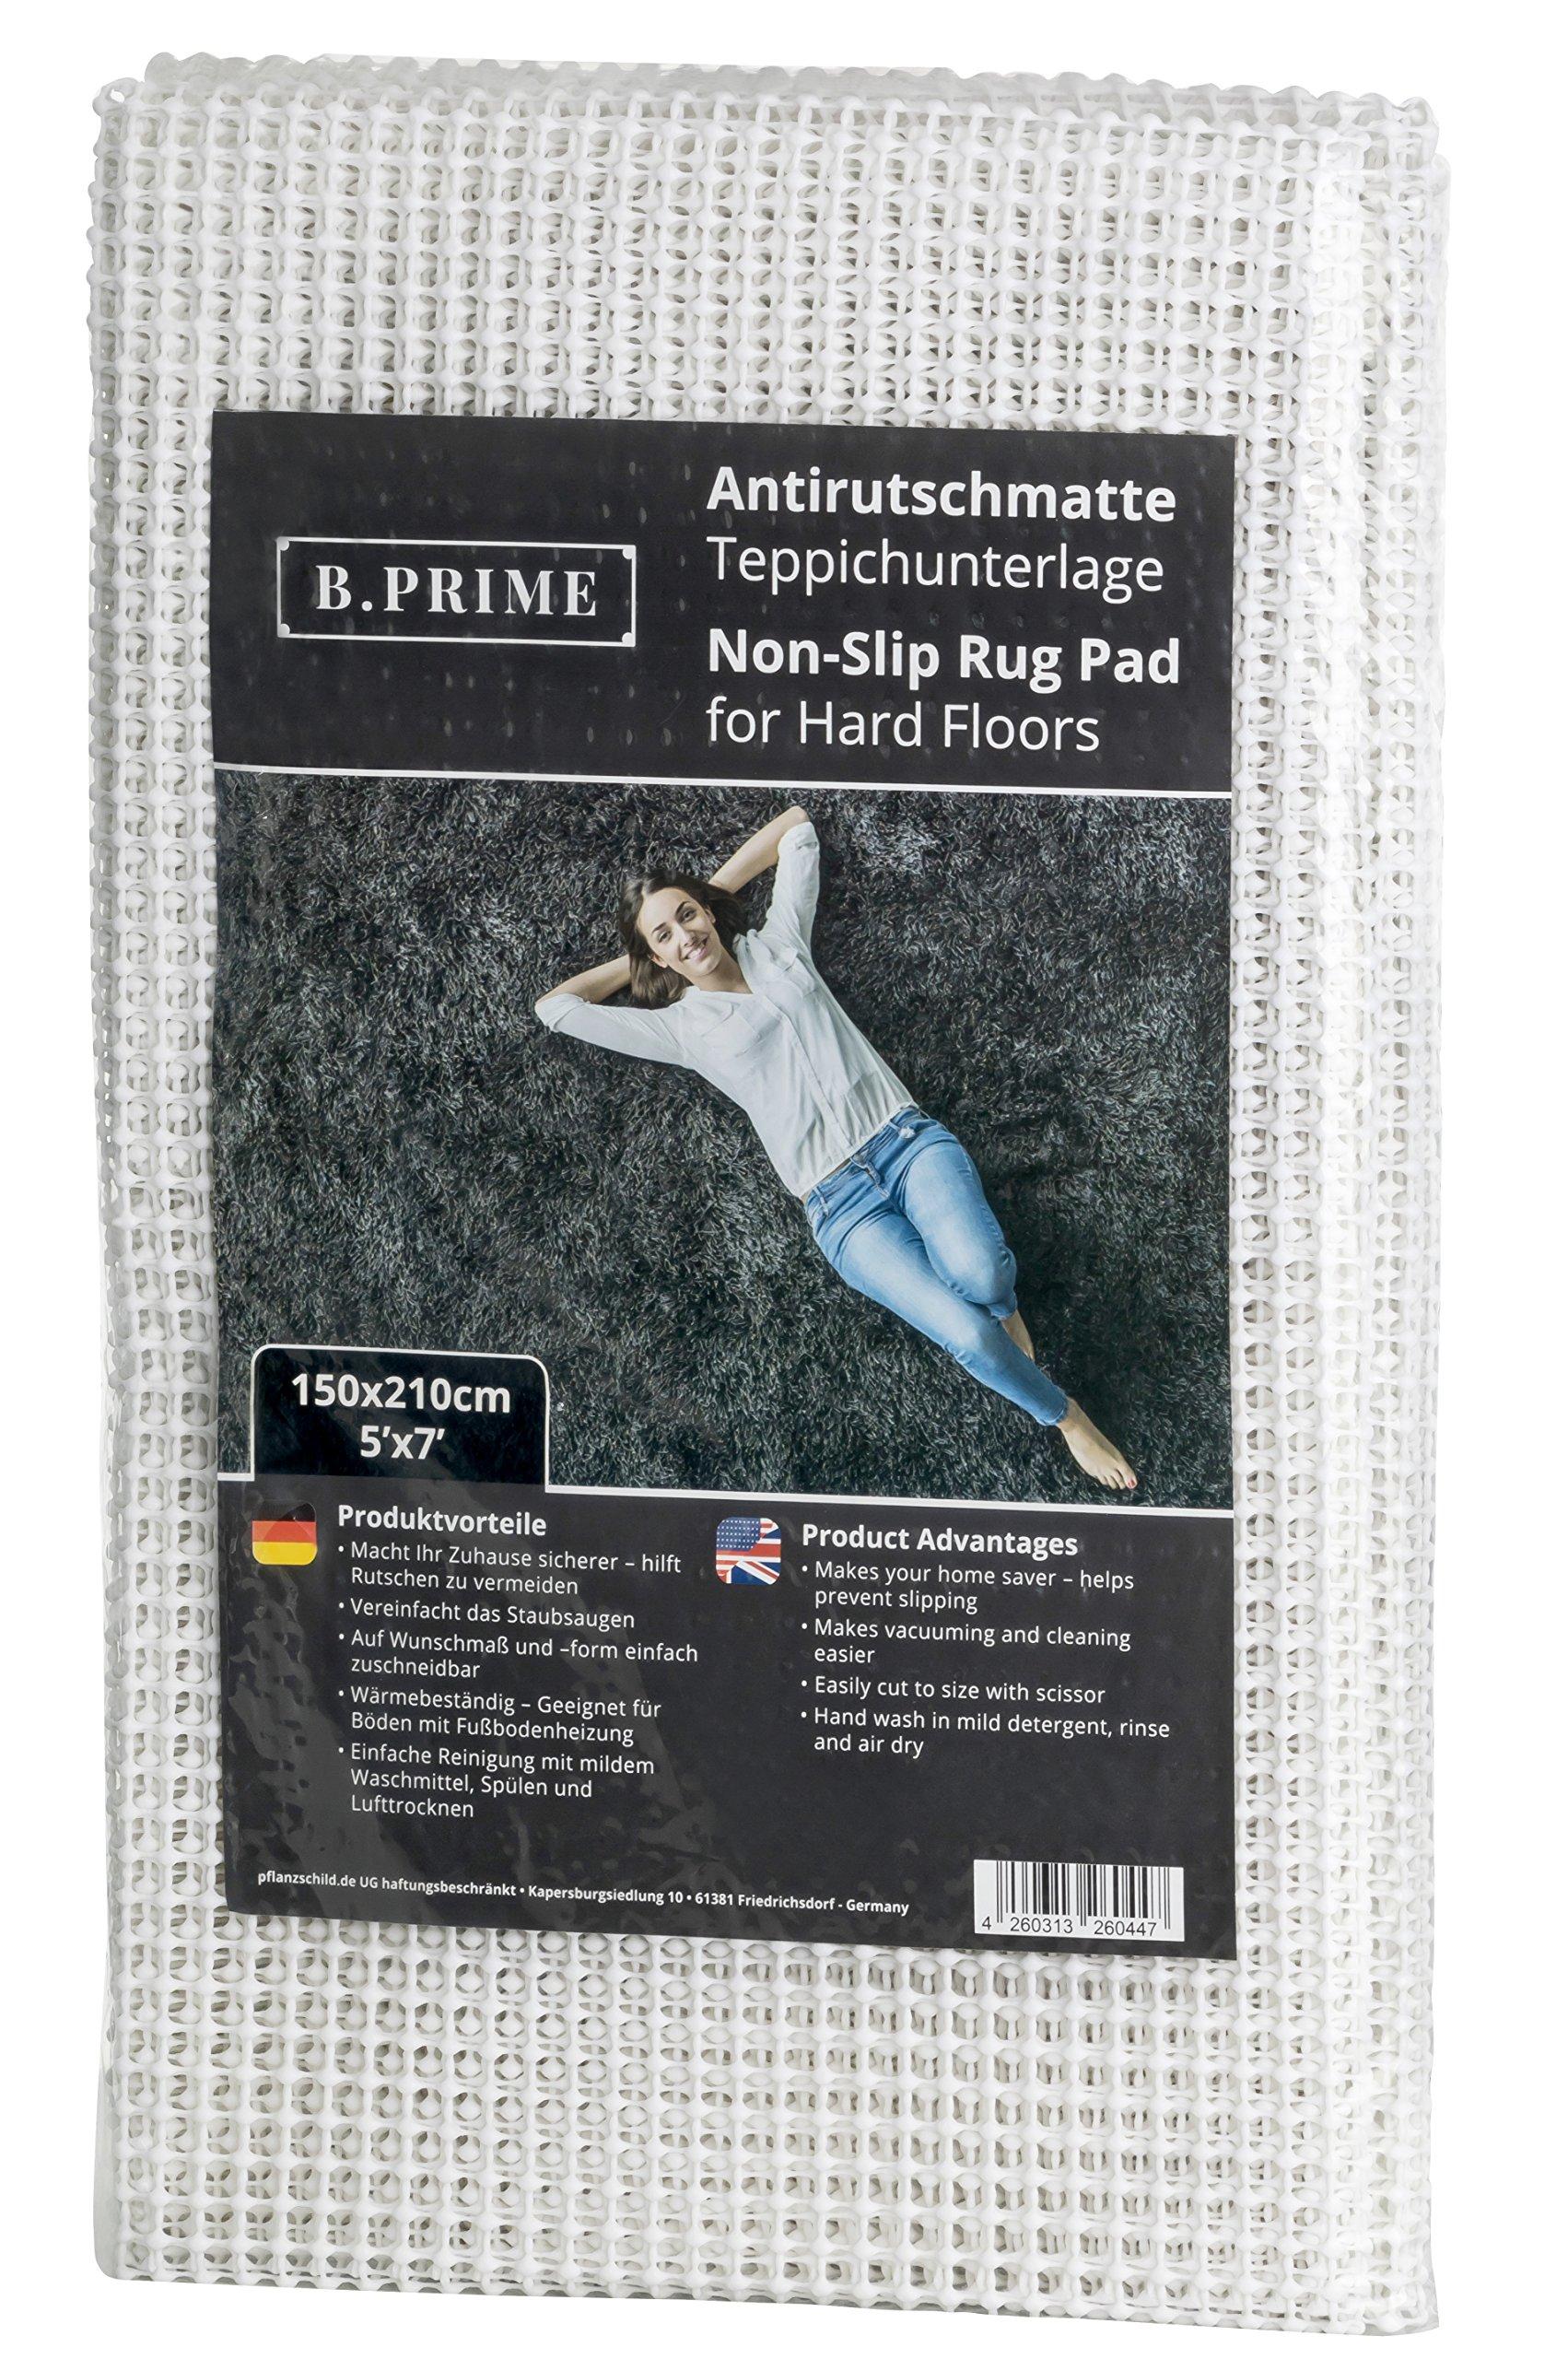 B.PRIME 5x7-Feet Non-Slip Area Rug Pad for Hard Floors I Anti-Slip mat I Carpet mat I Rug Underlay I Carpet Underlay I Anti-Slip Protection for Carpets